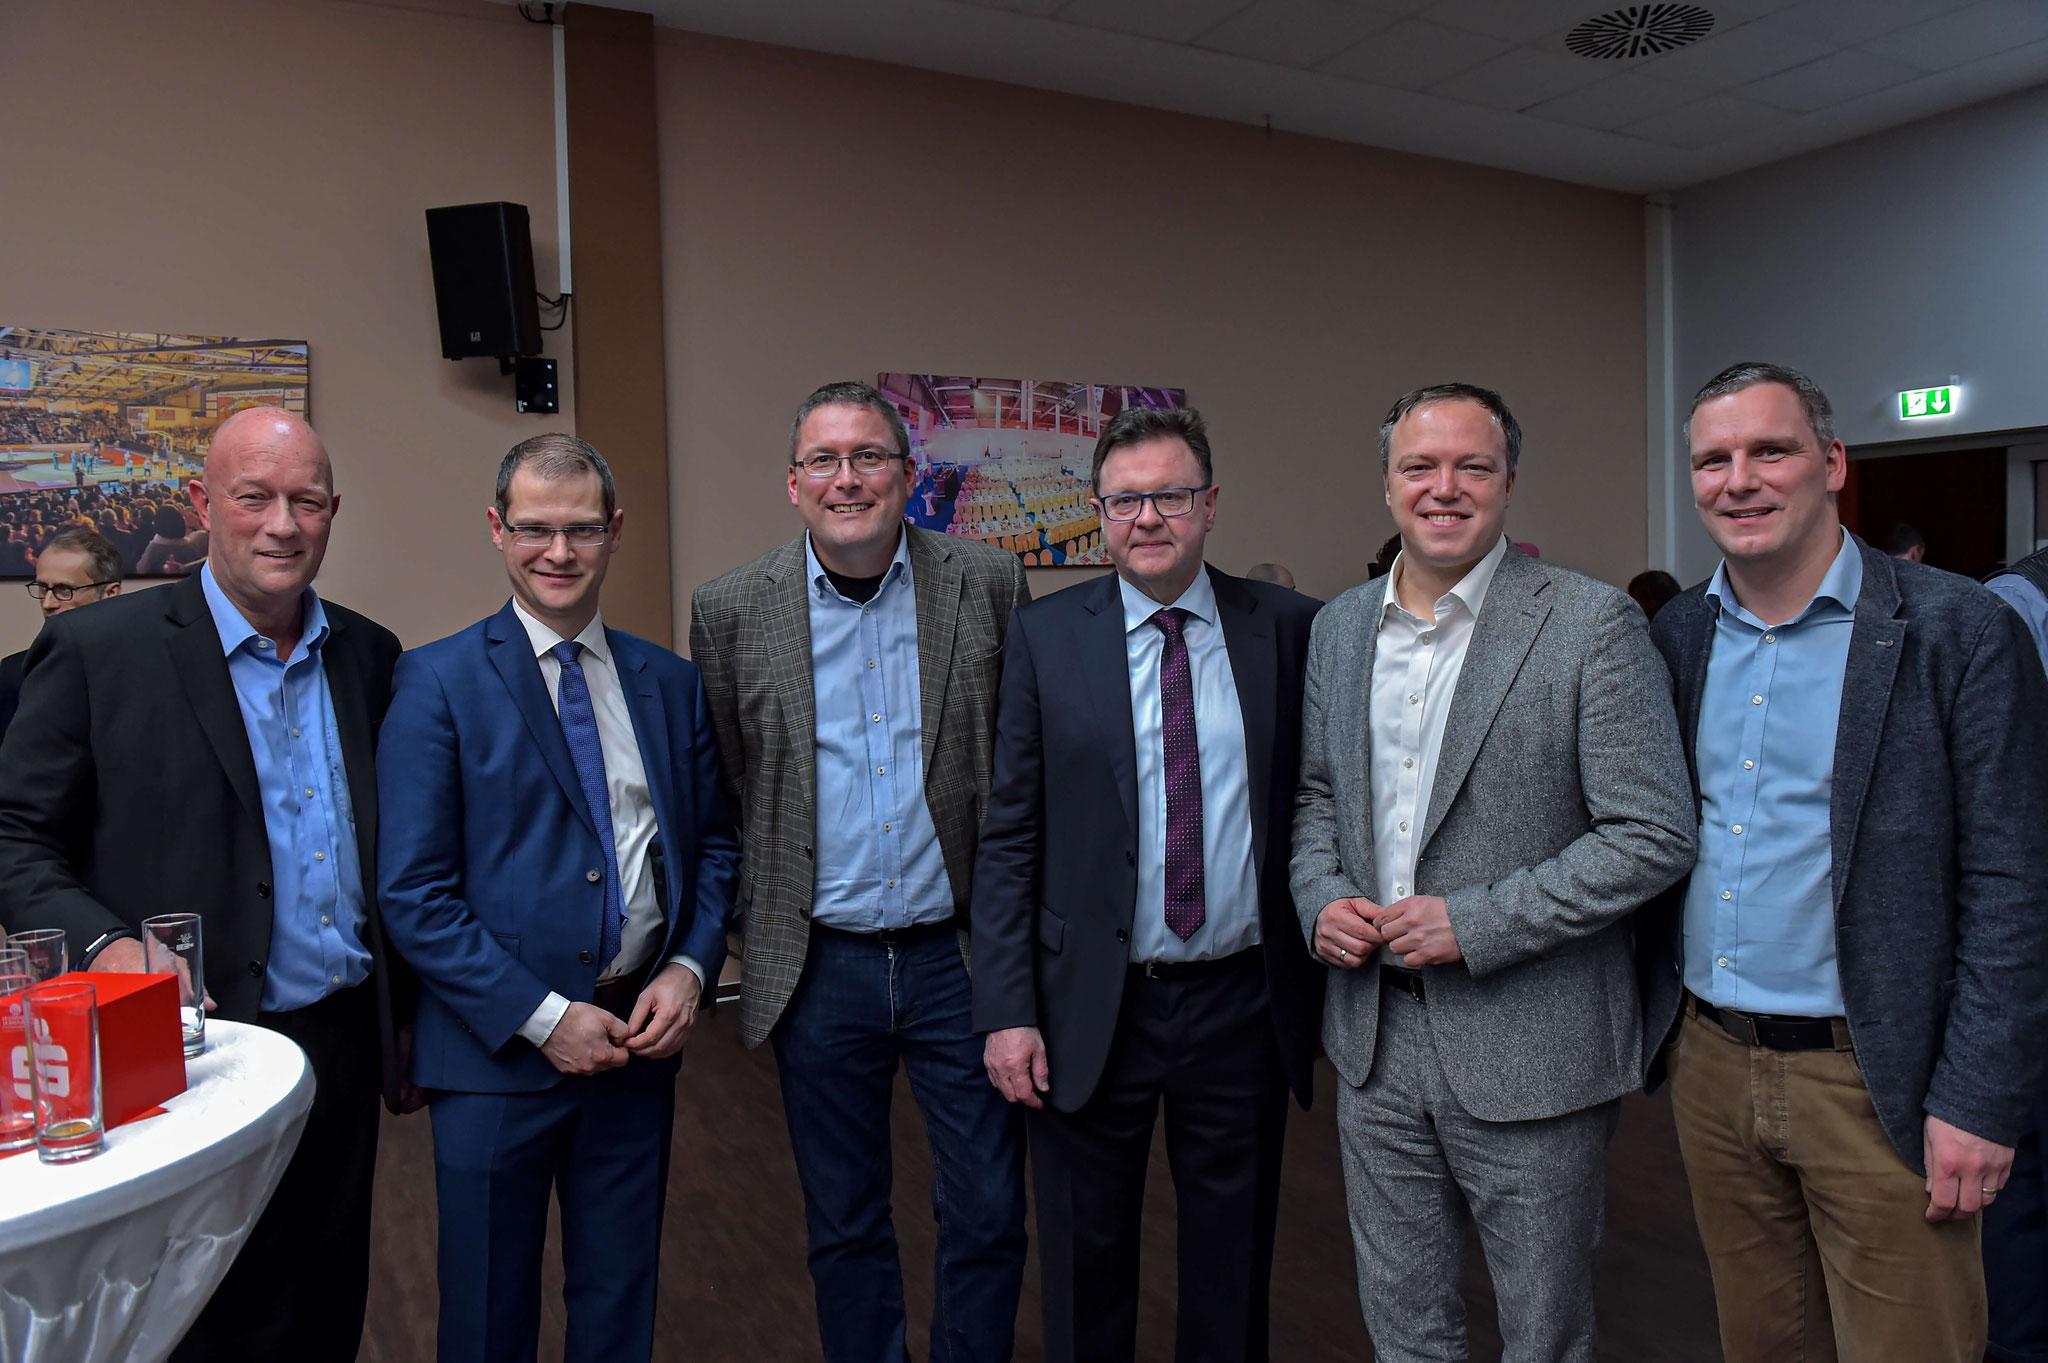 Frank Heuer (Mitte) mit Vertretern der Politik